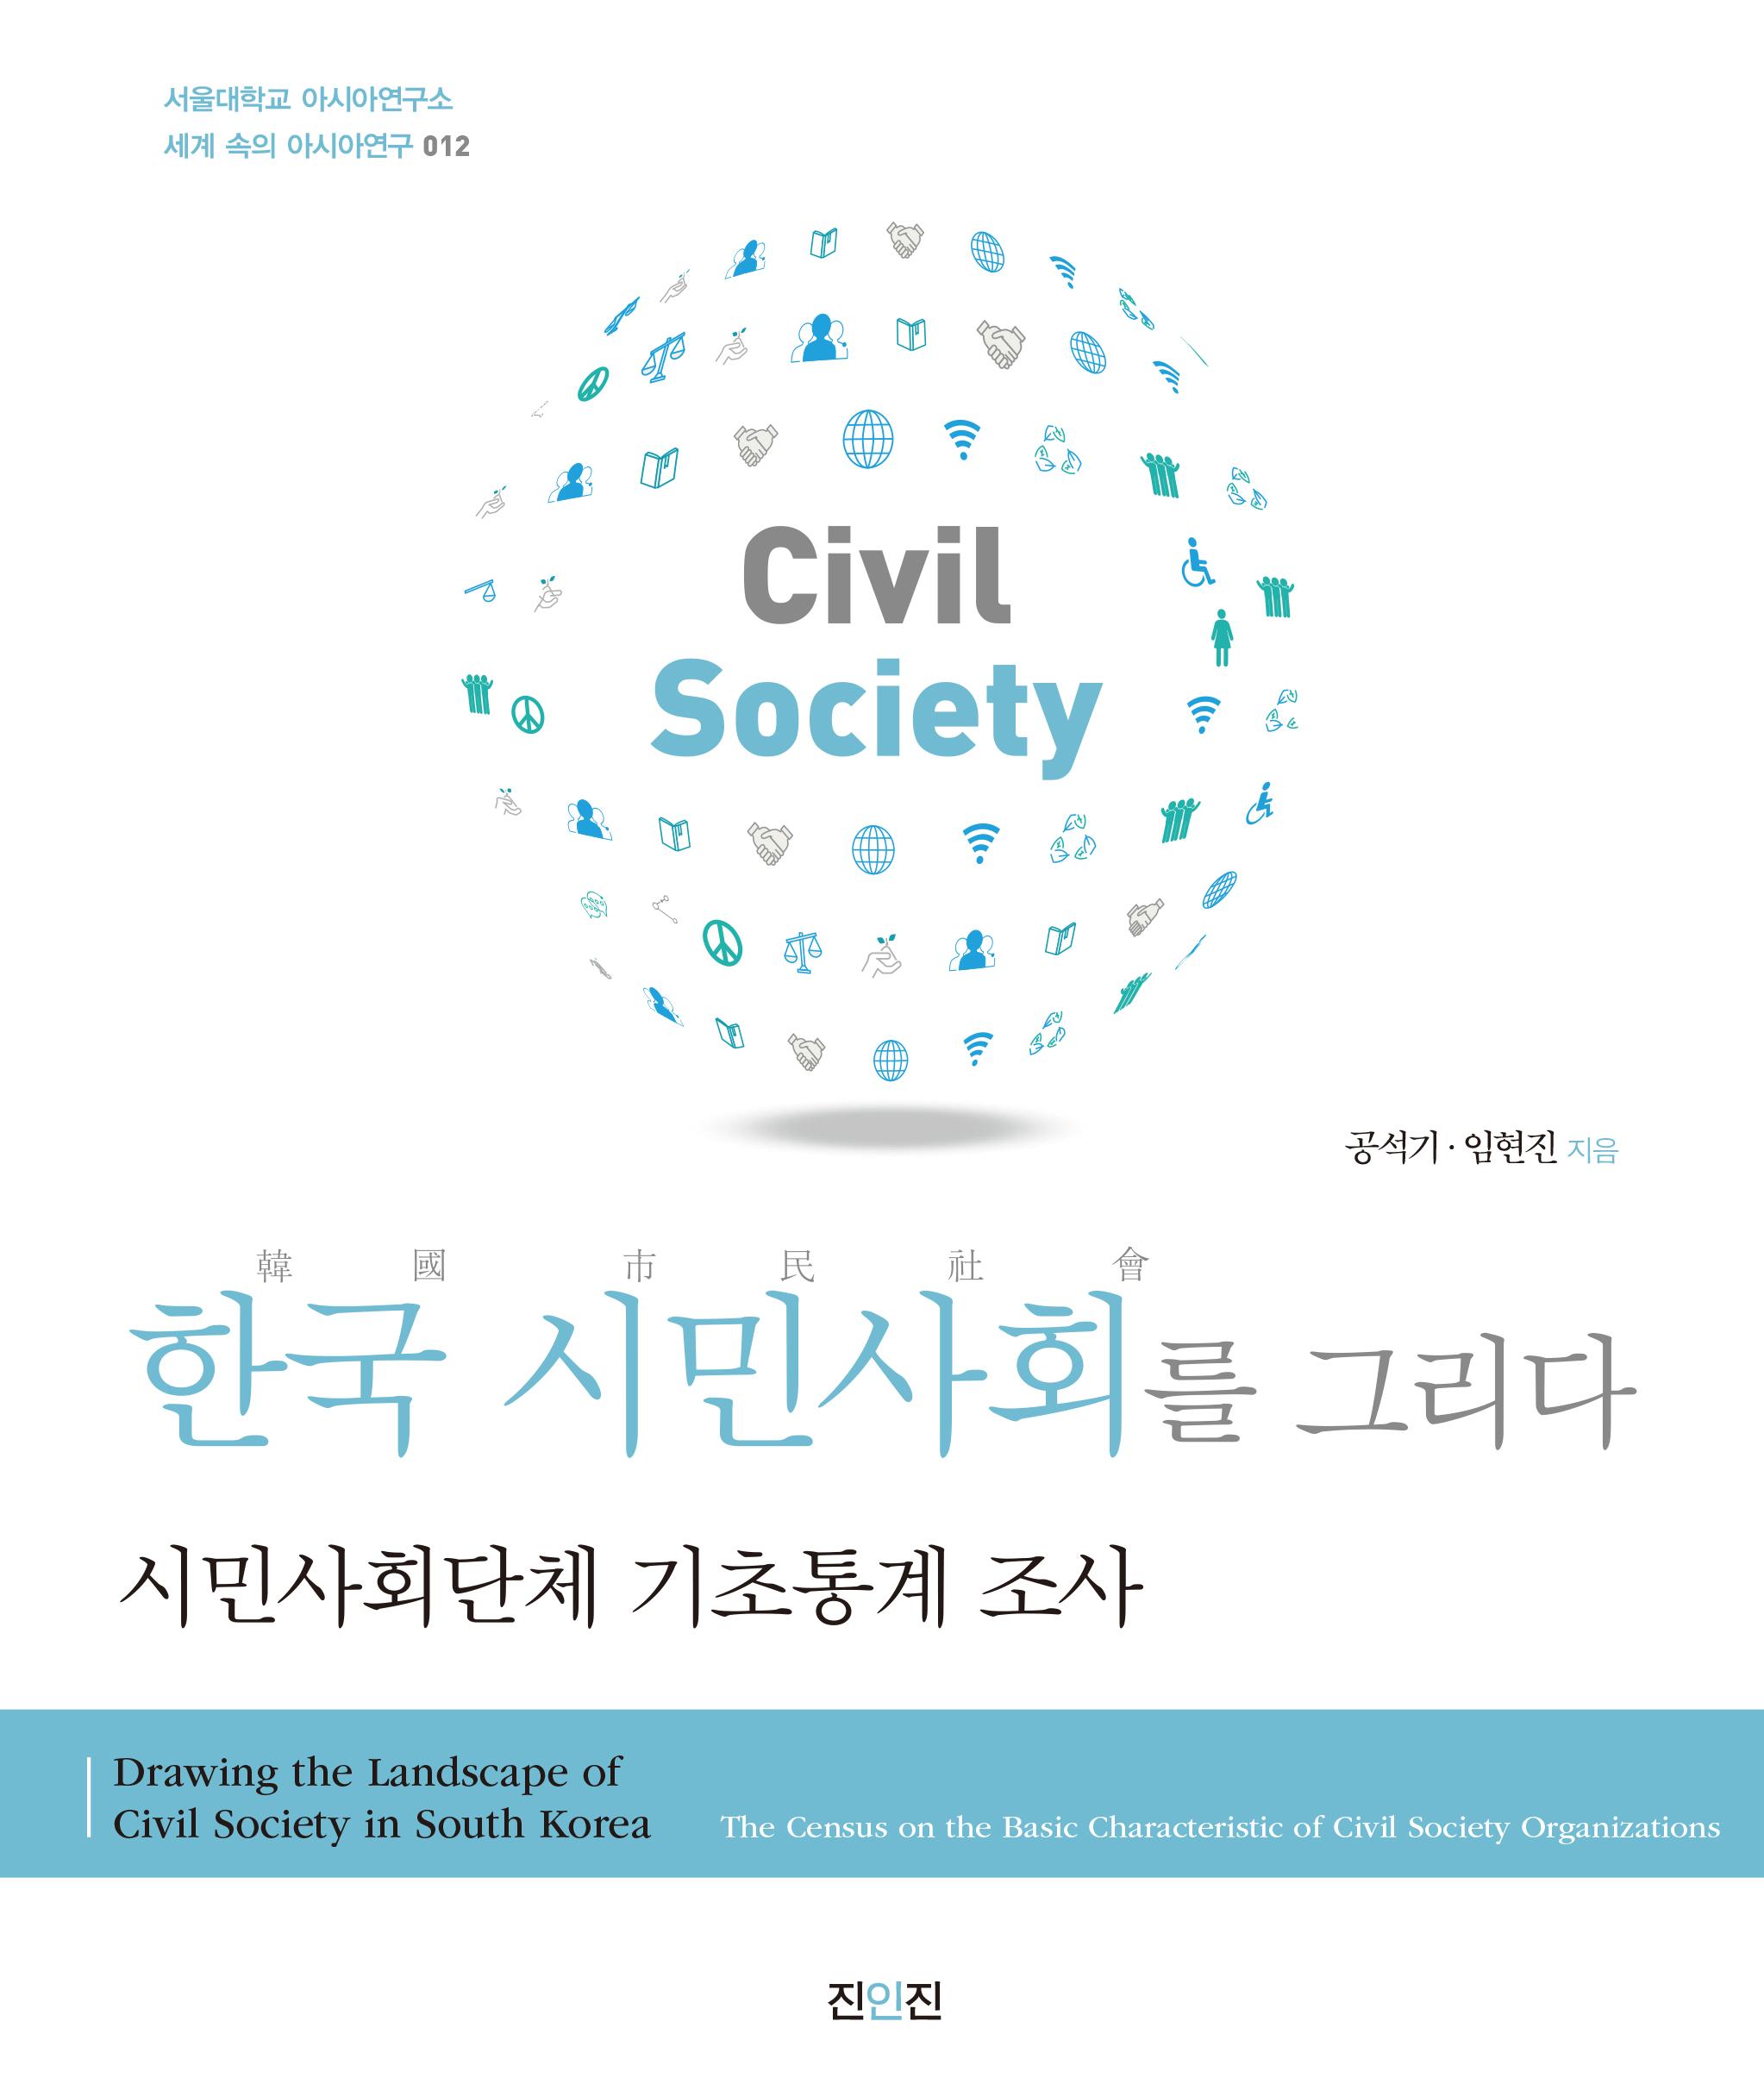 한국 시민사회를 그리다-시민사회단체 기초통계 조사